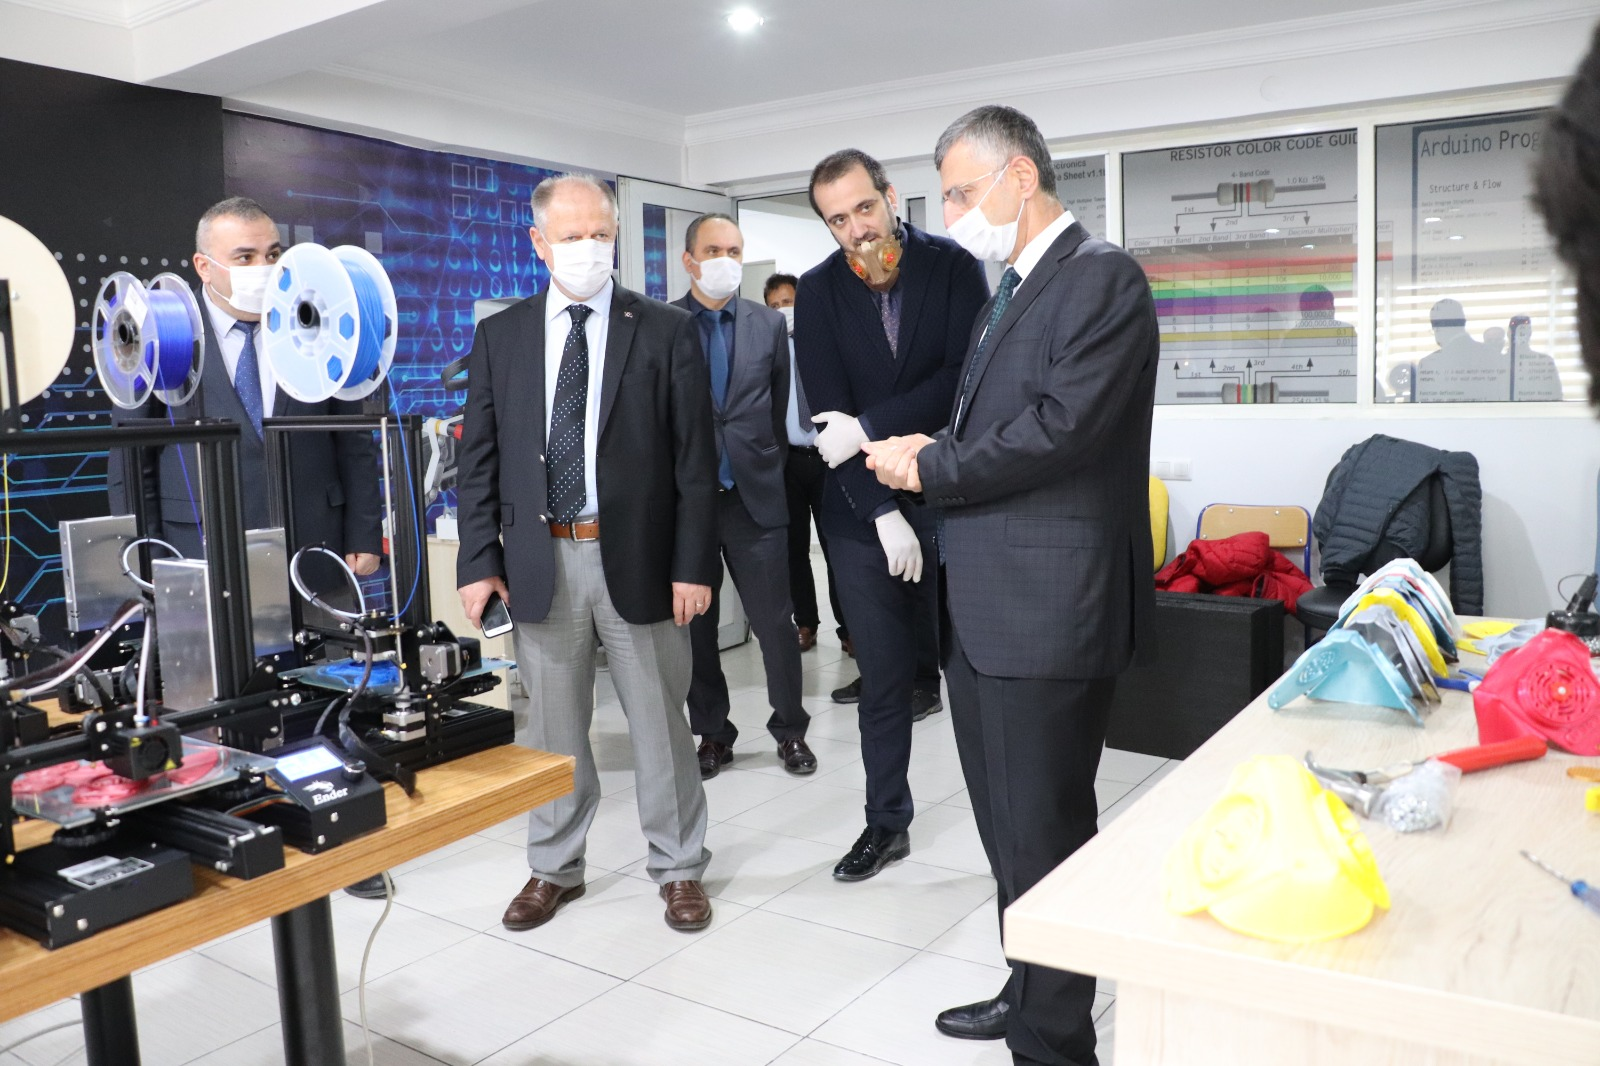 Zonguldak Valisi Bektaş: Sayılar her birimizi alarma geçirecek seviyede